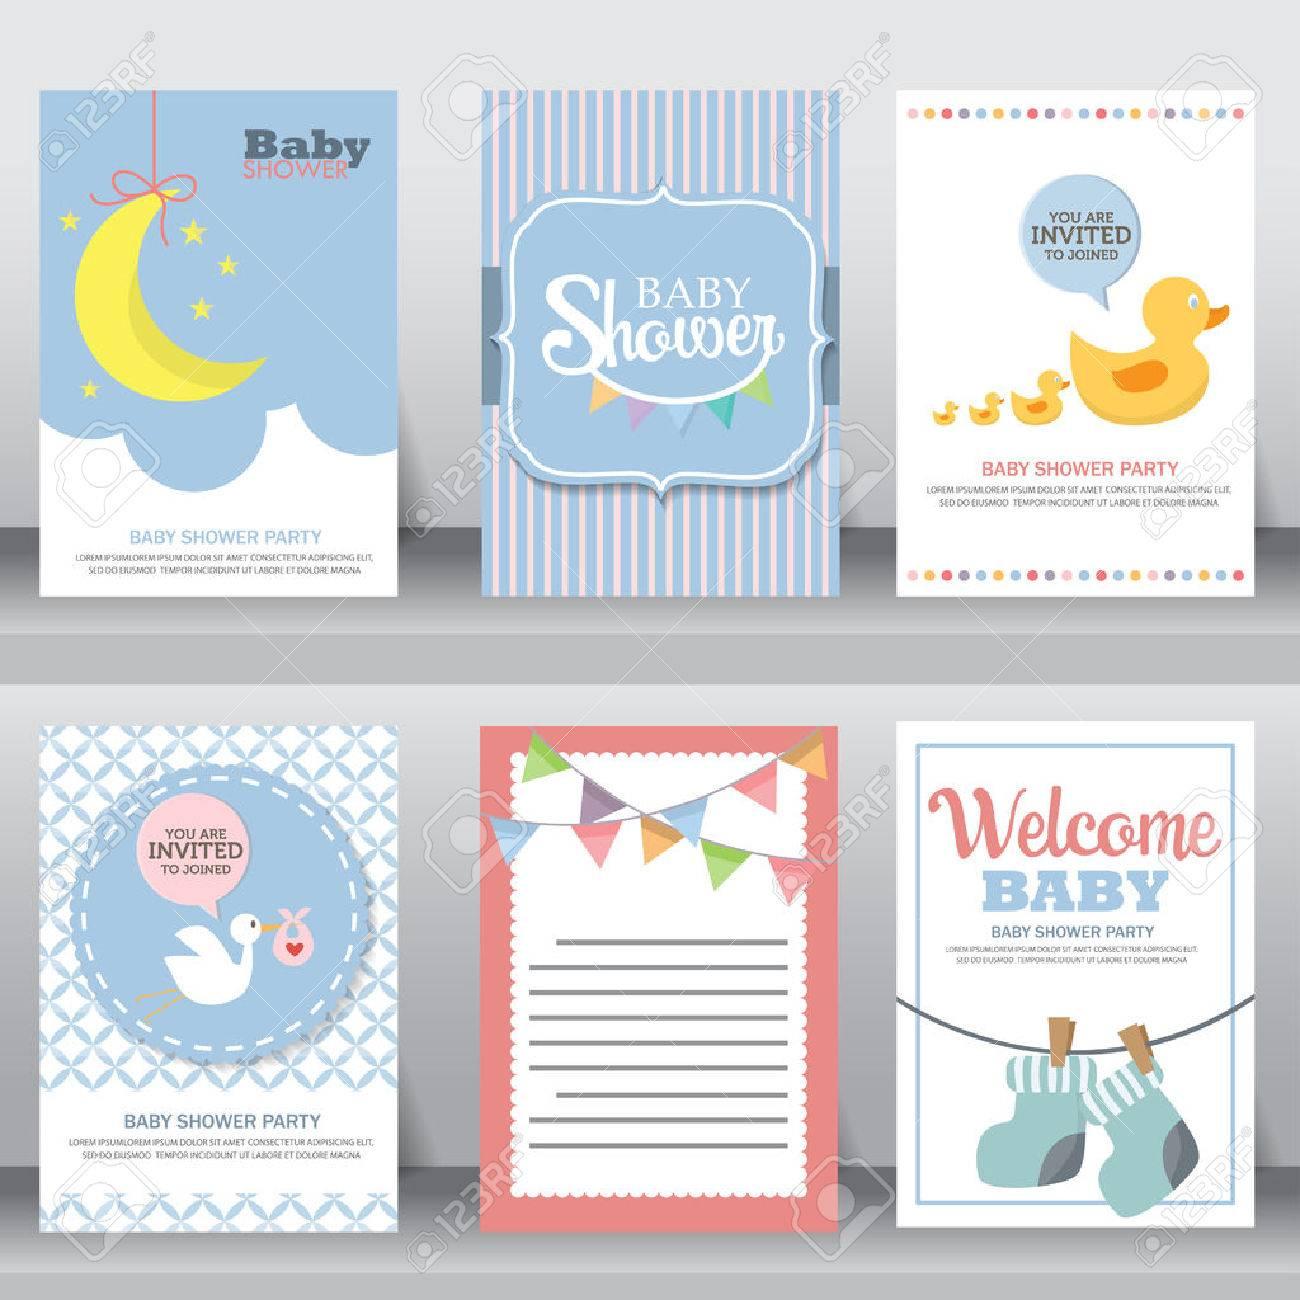 Feliz Cumpleaños Fiesta De Bienvenida Al Bebé De Saludo De Celebración Y Tarjeta De Invitación Plantilla De Diseño De Tamaño A4 Ilustración